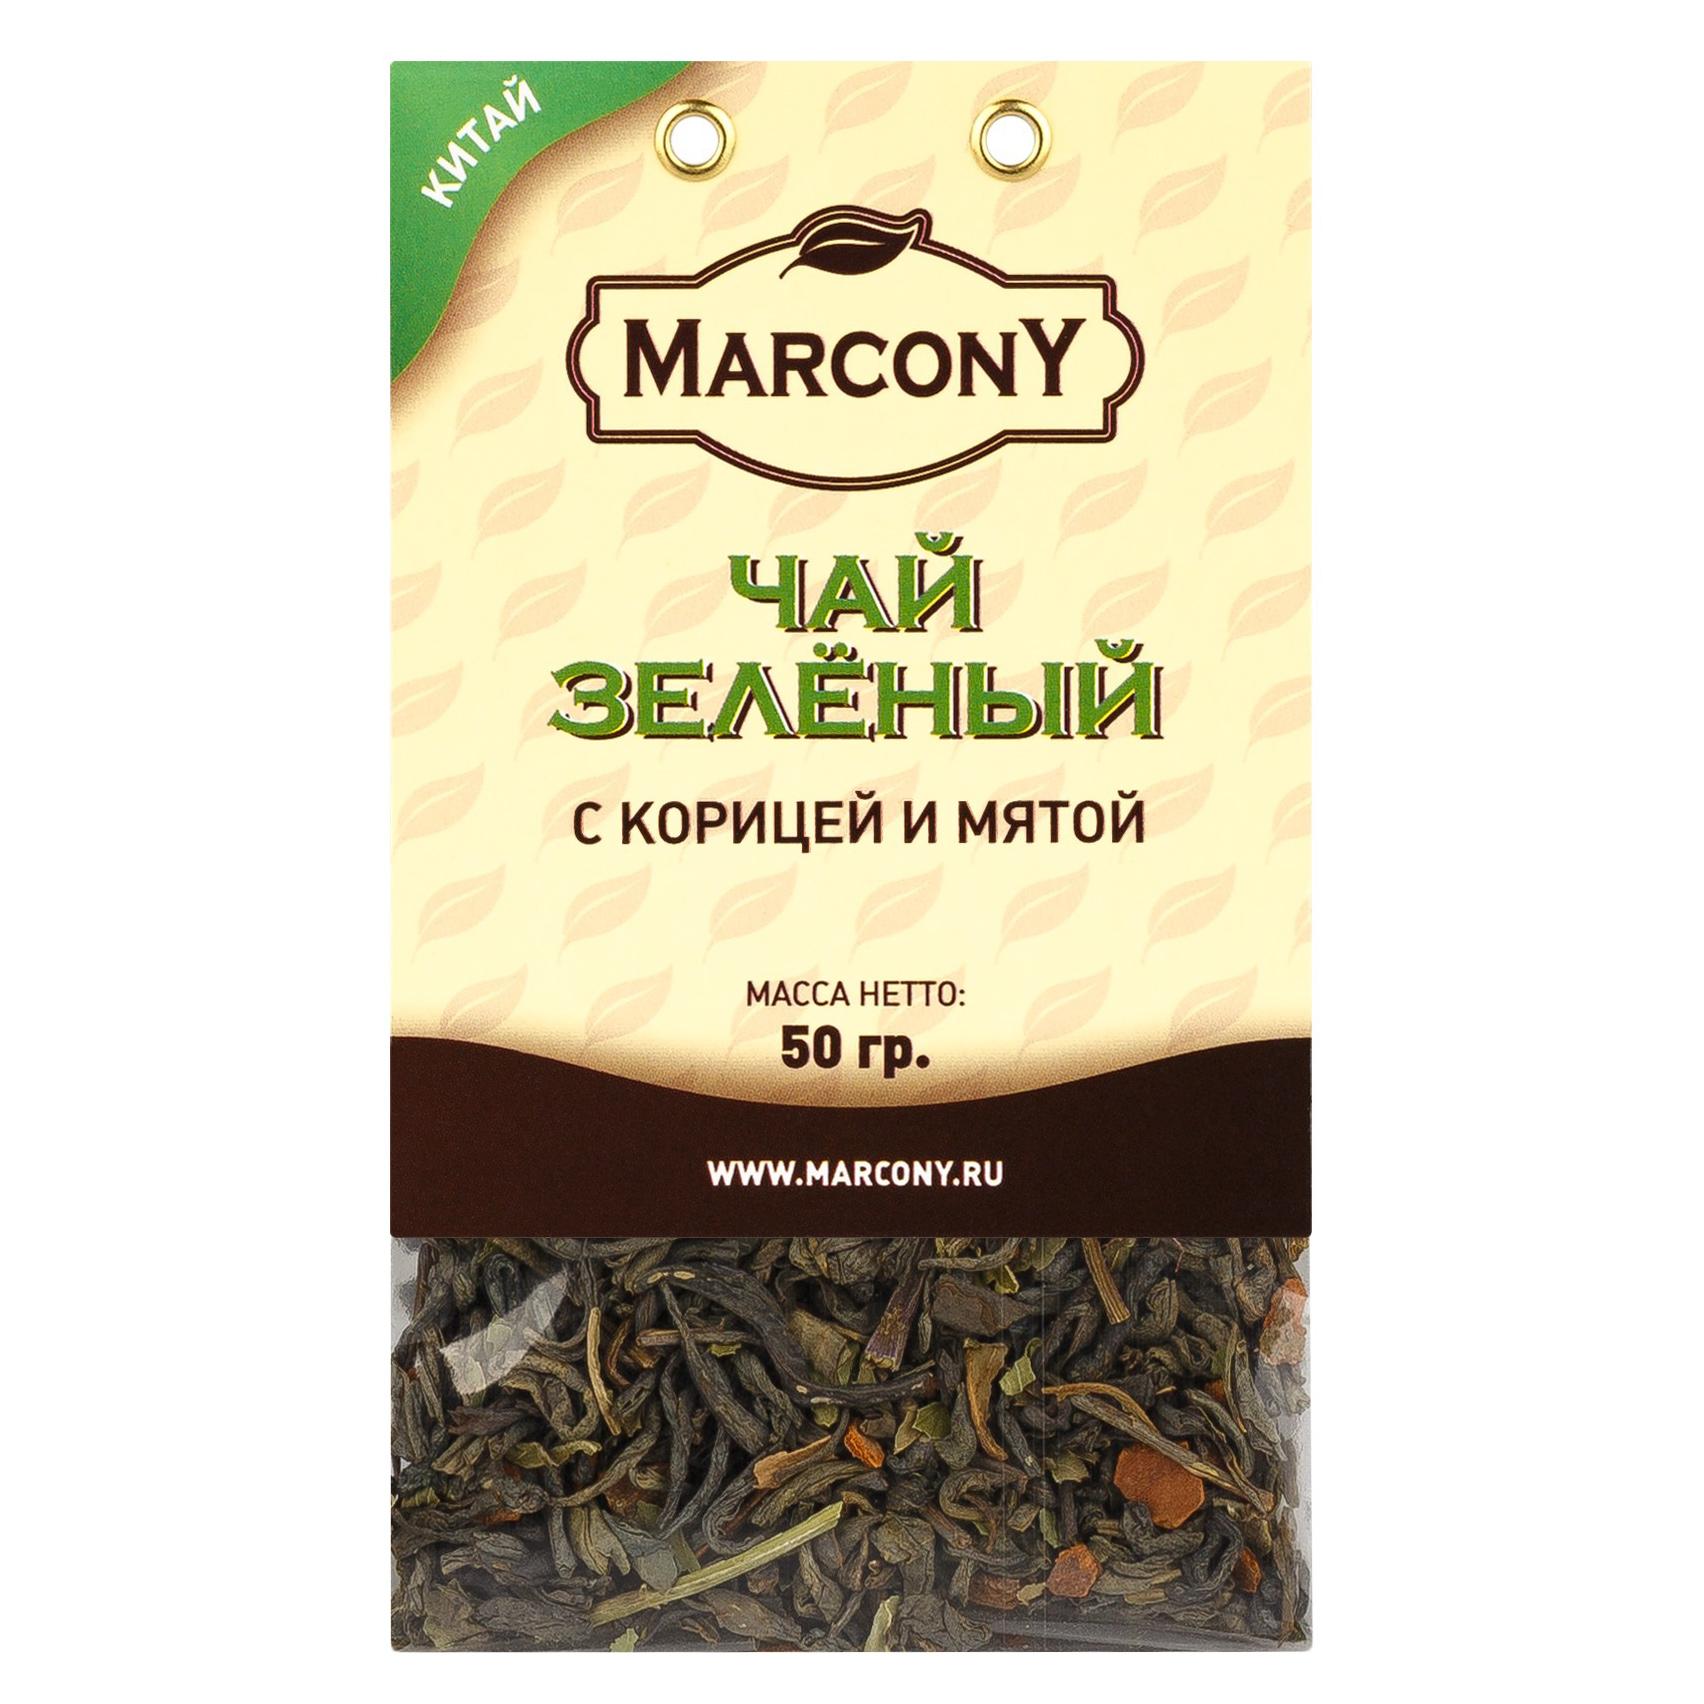 Чай зеленый Marcony с корицей и мятой 50 г чай зелёный marcony с гвоздикой лавандой и незабудкой 50 г